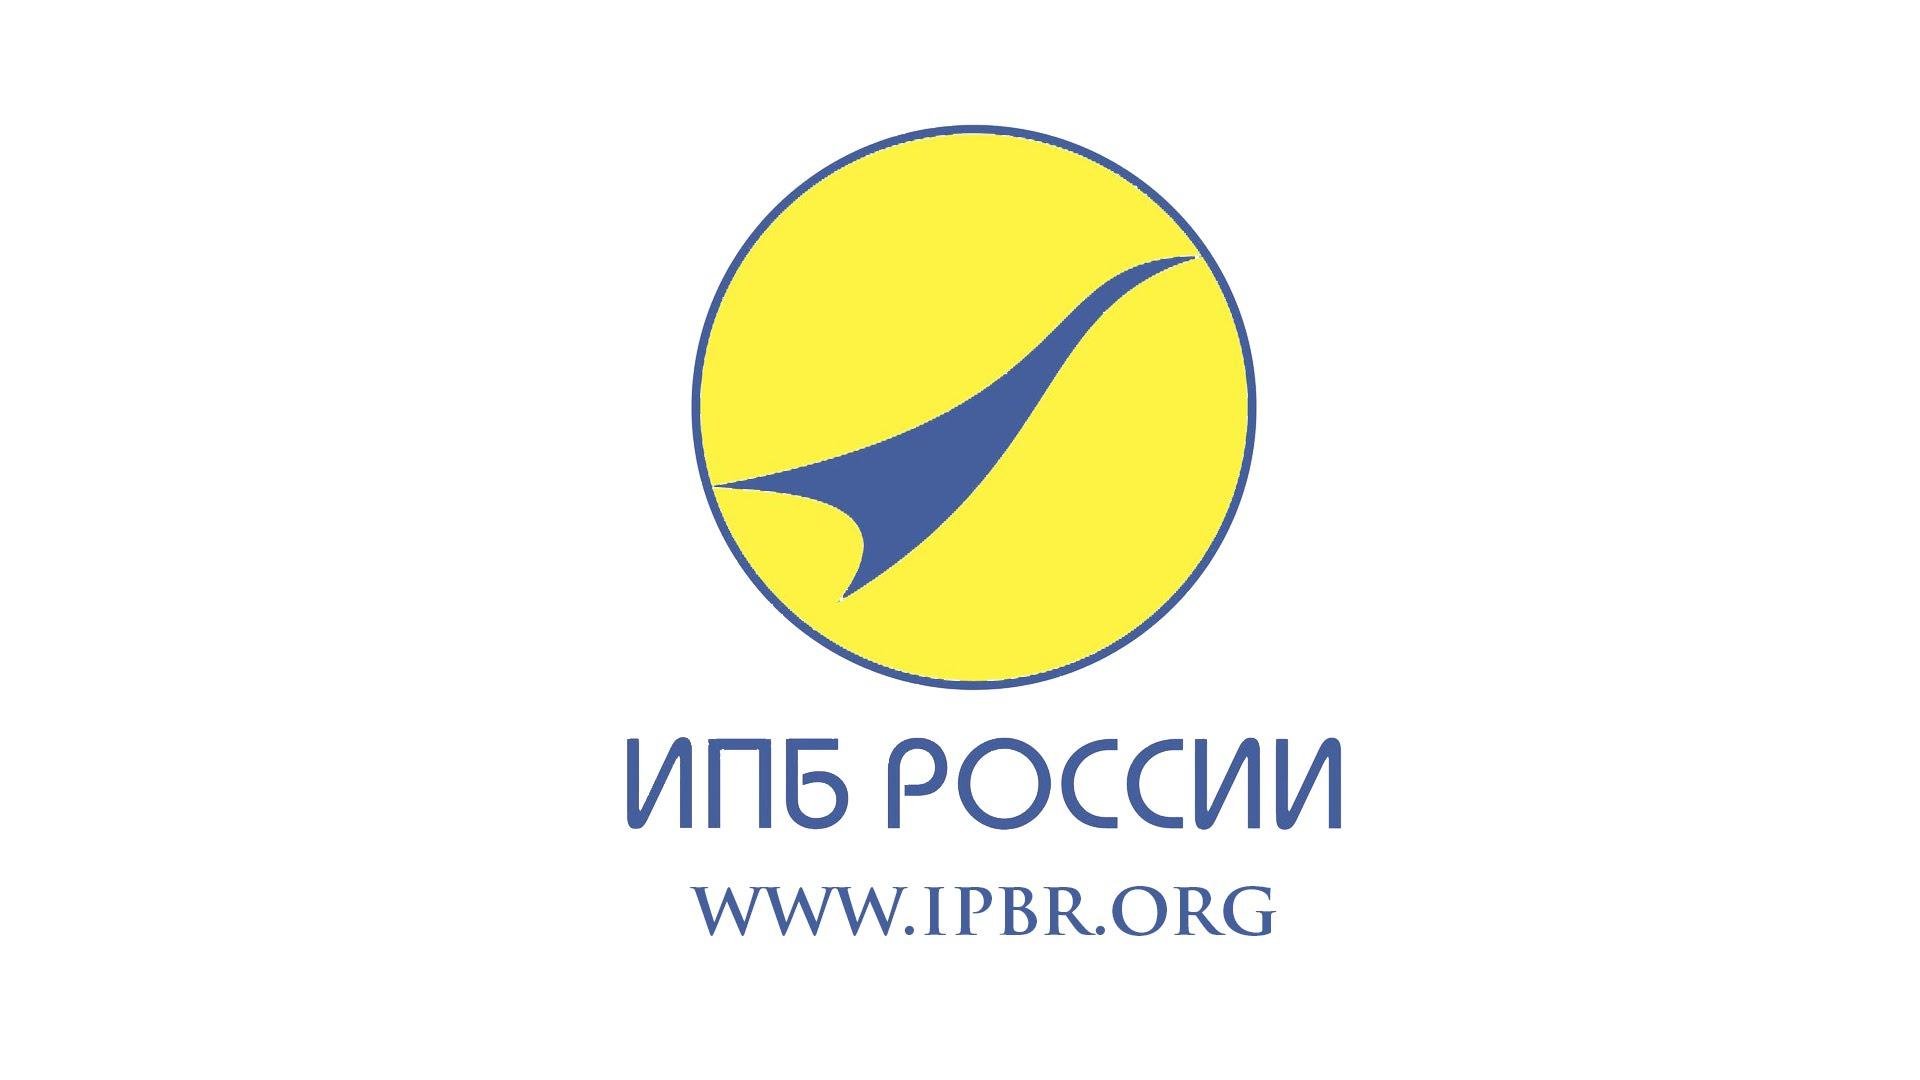 Член профессиональных бухгалтеров и аудиторов россии